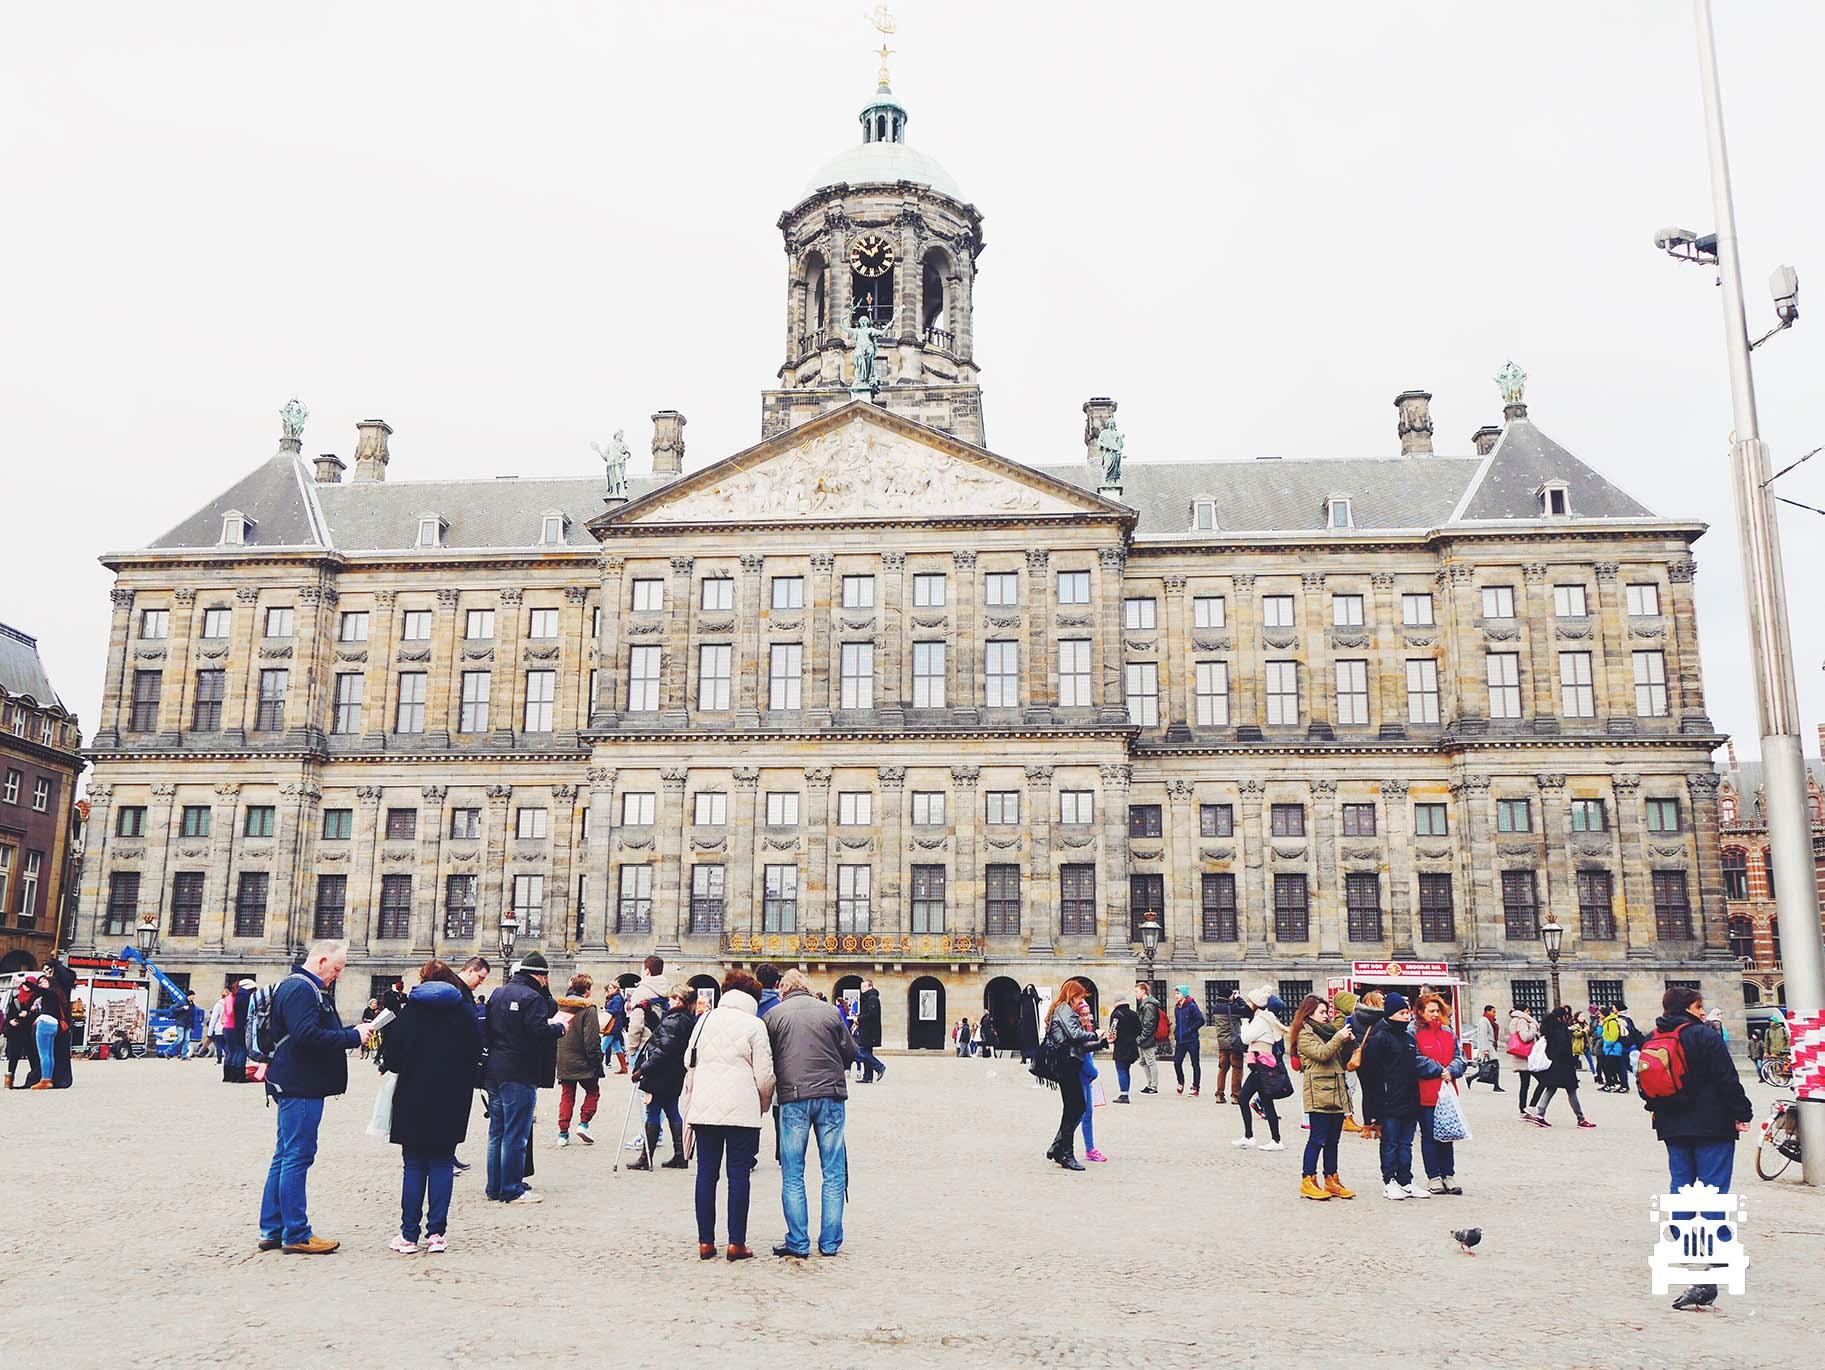 Royal Palace at Dam Square